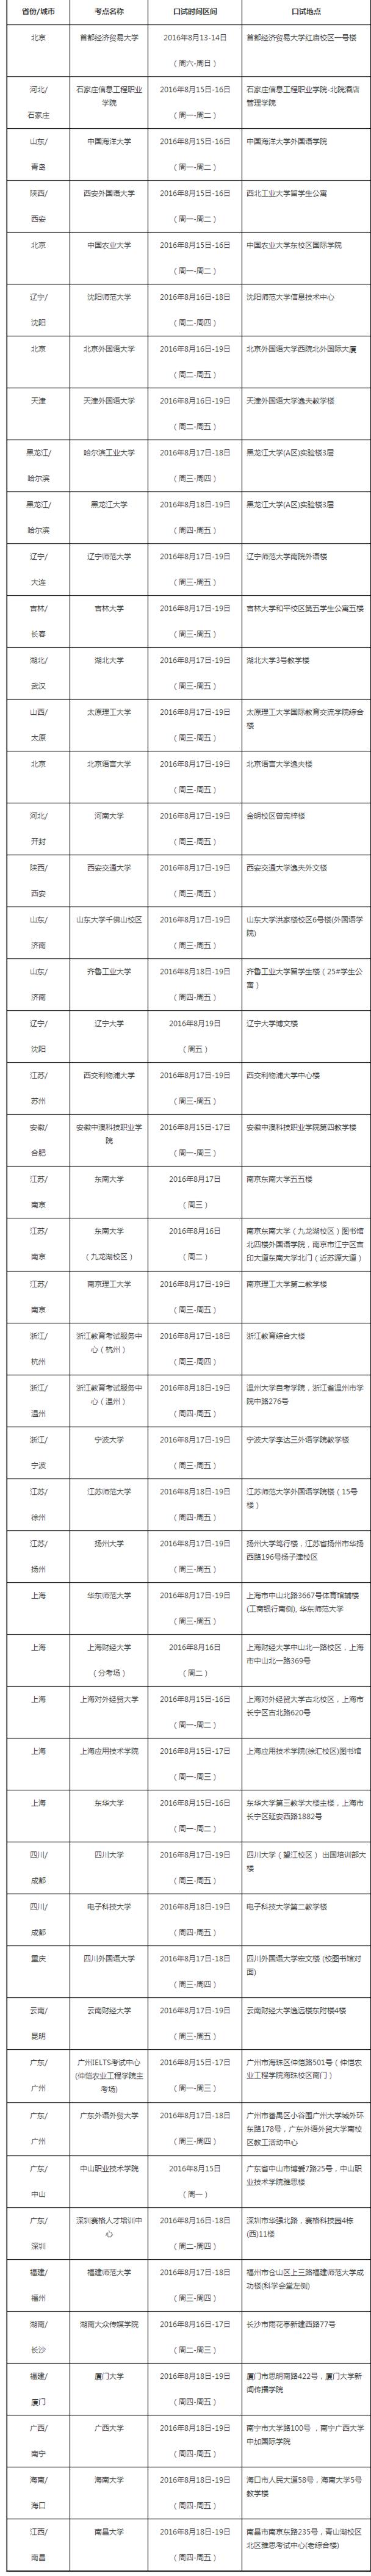 重磅:雅思口语考试 8月20日场次安排通知